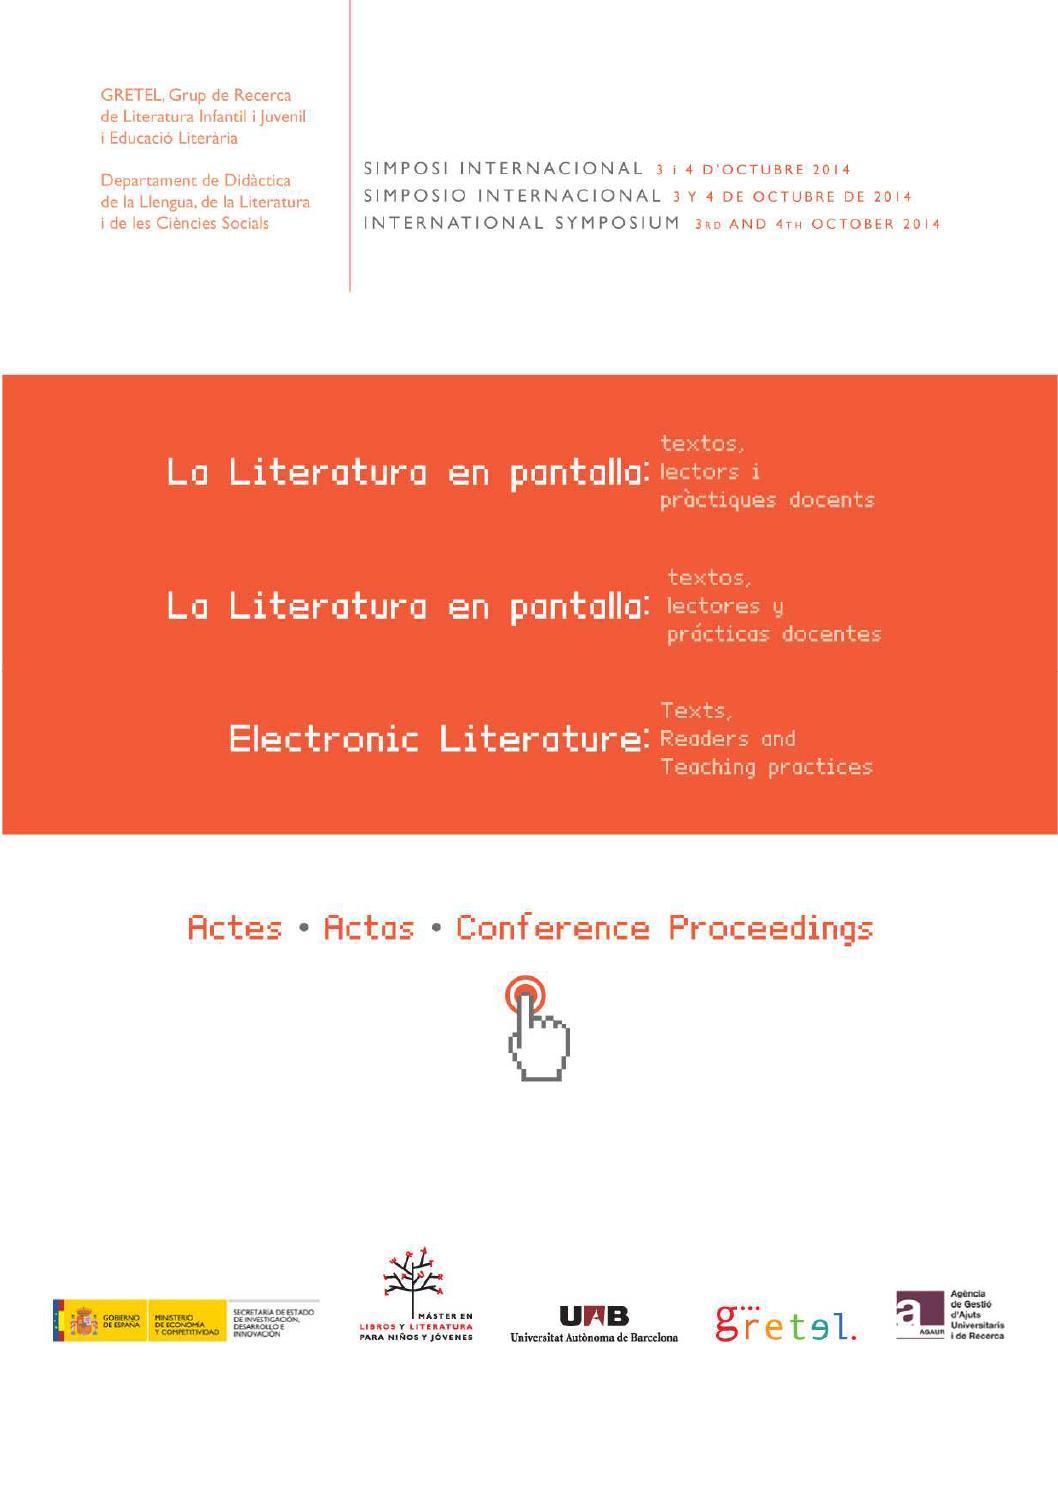 Actas Del Simposio Internacional La Literatura En Pantalla